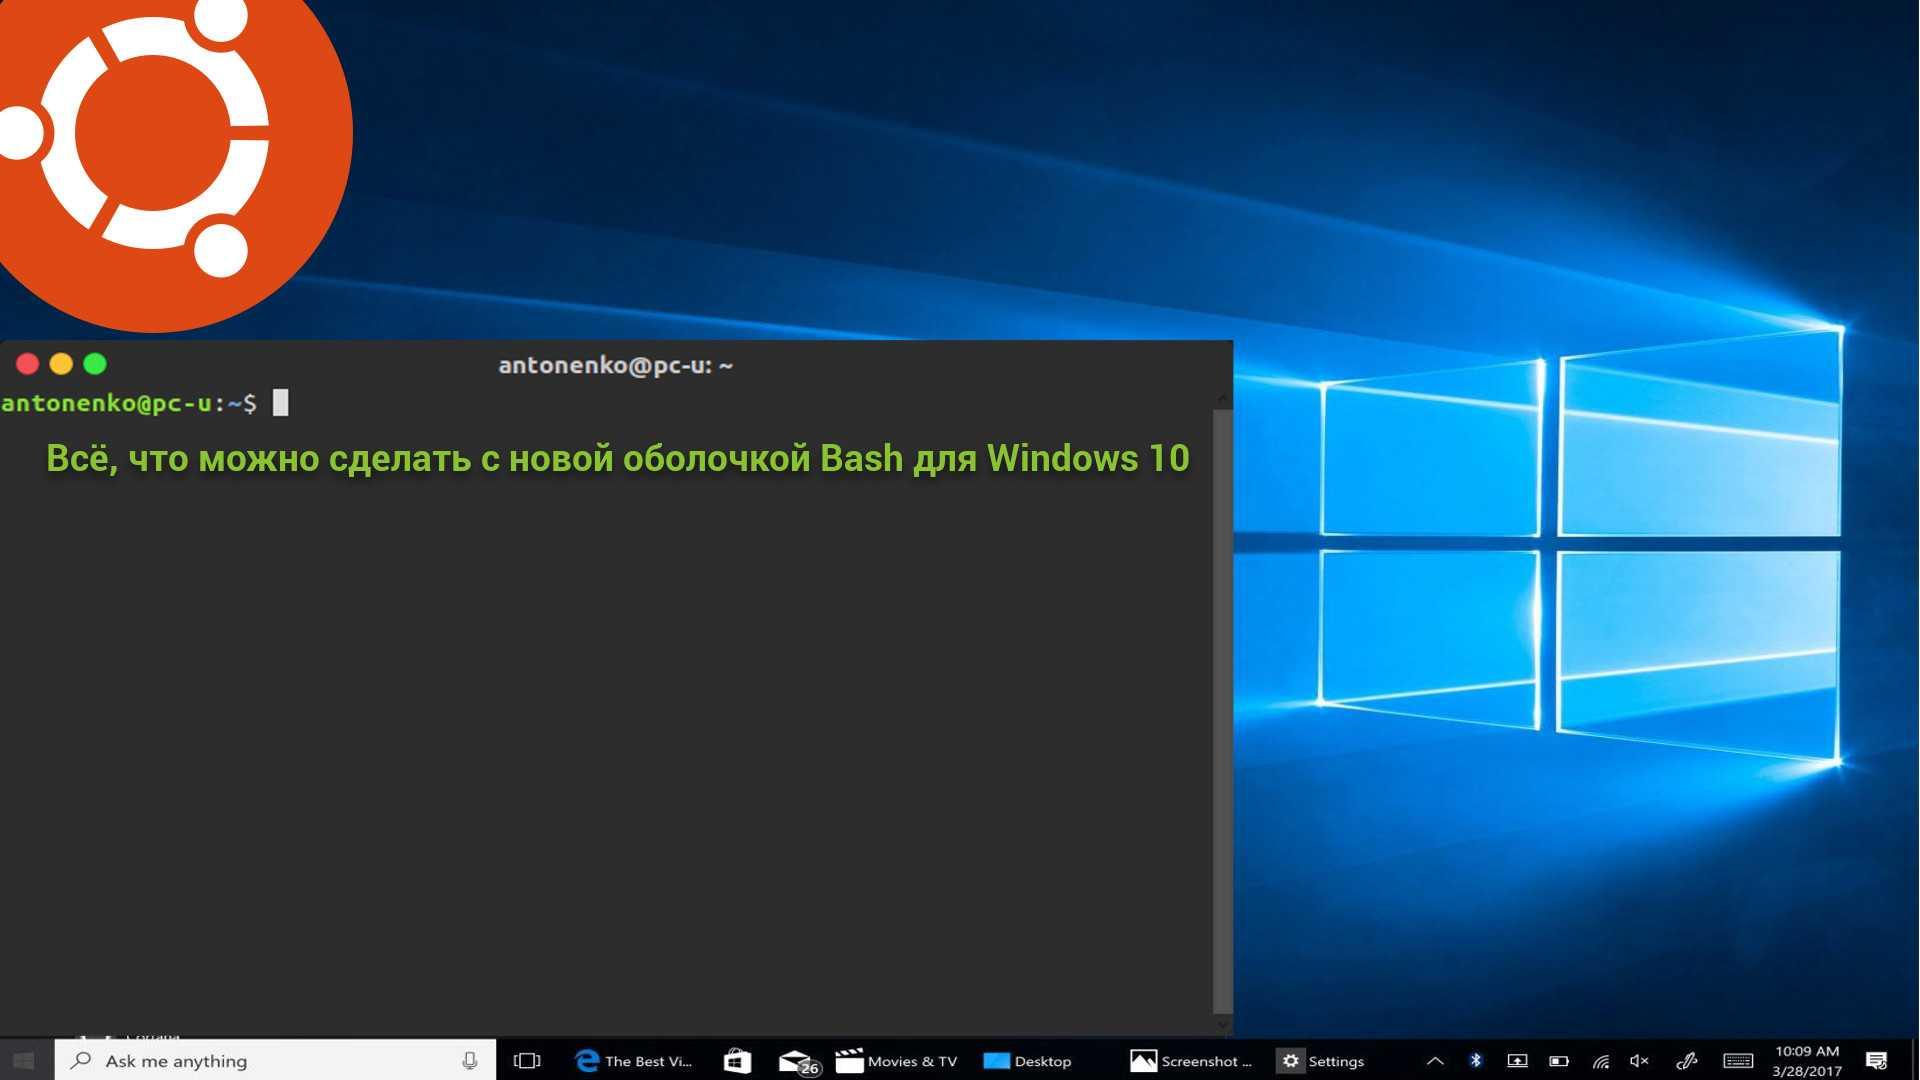 Всё, что можно сделать с новой оболочкой Bash для Windows 10